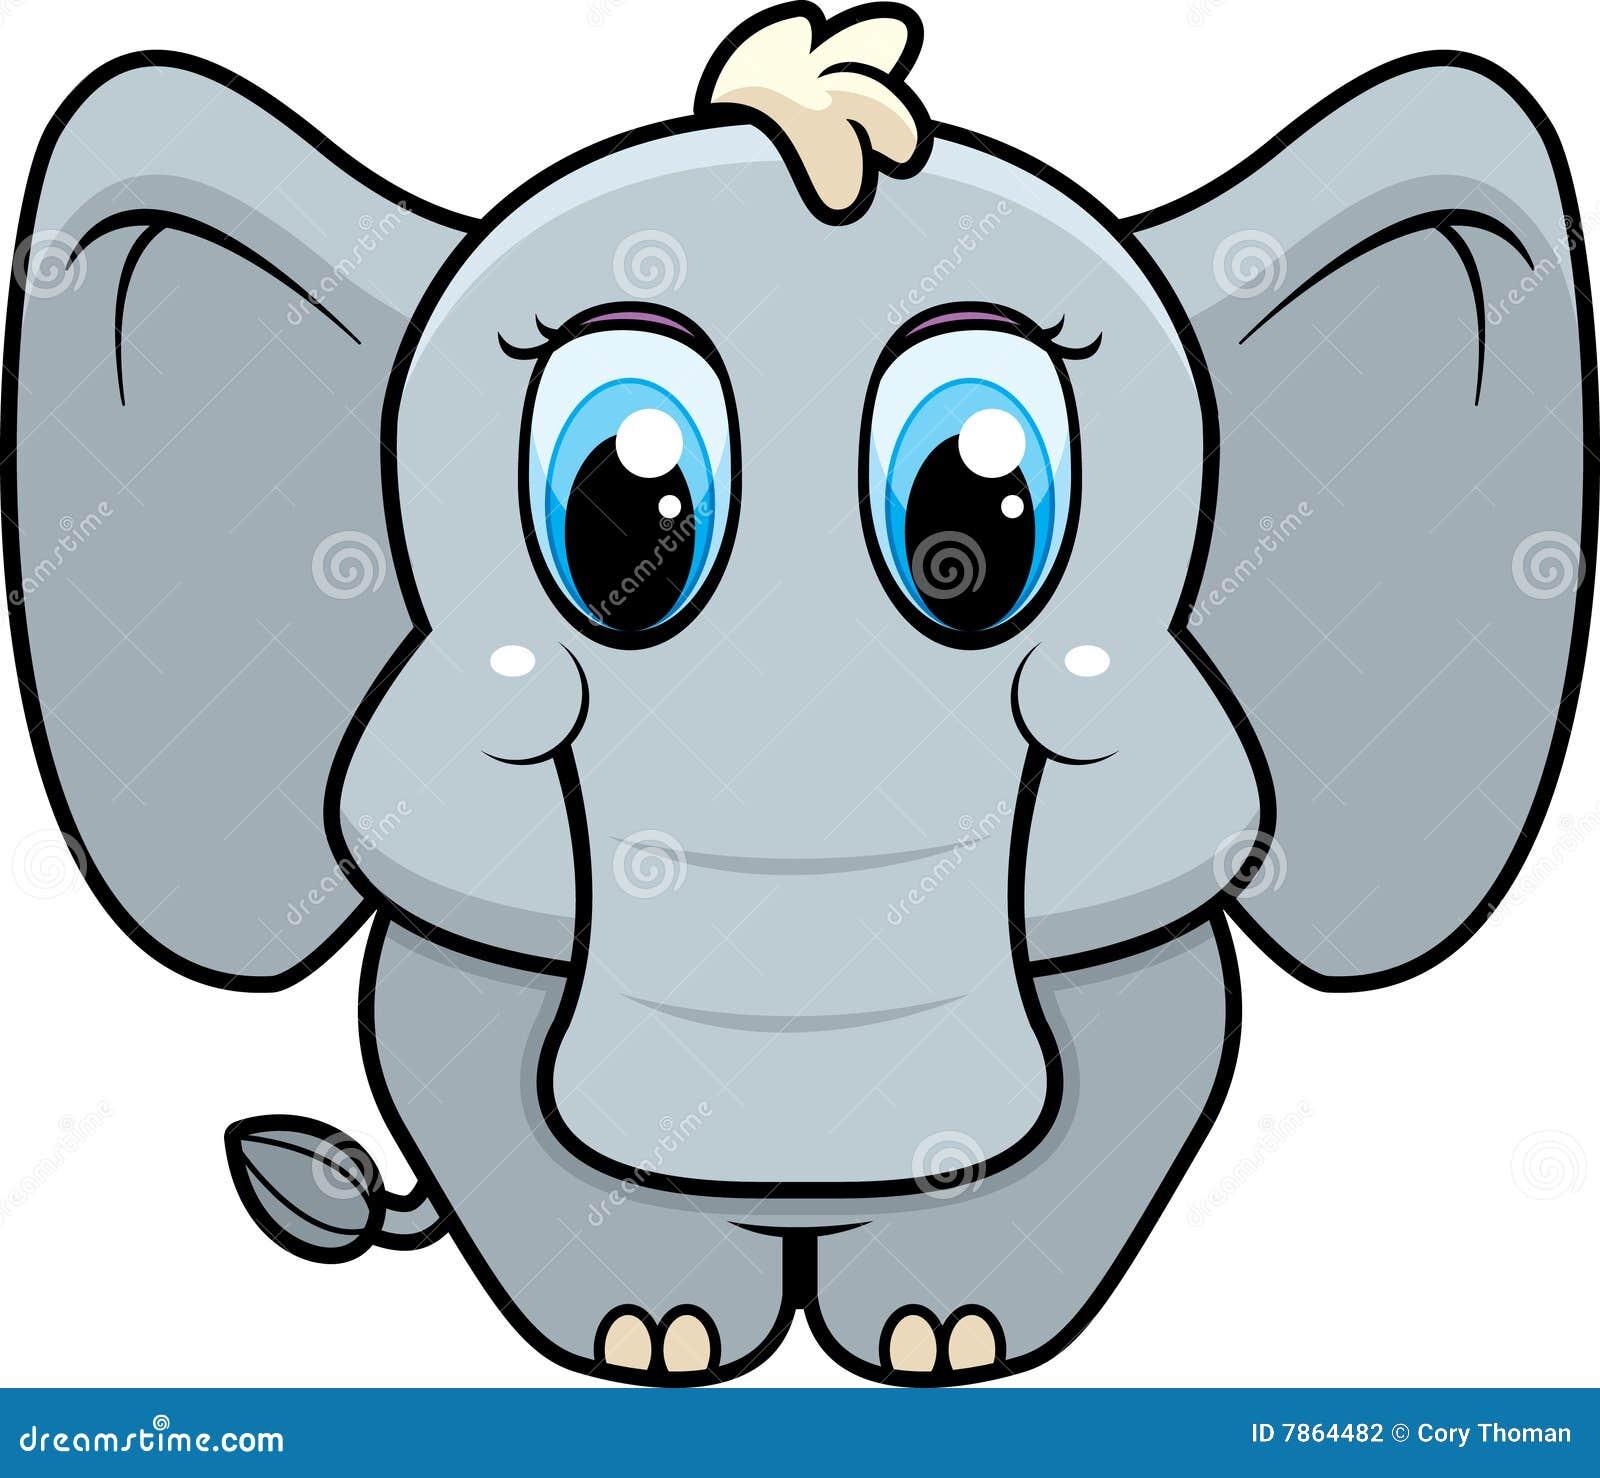 Baby Elephant Stock Photography - Image: 7864482